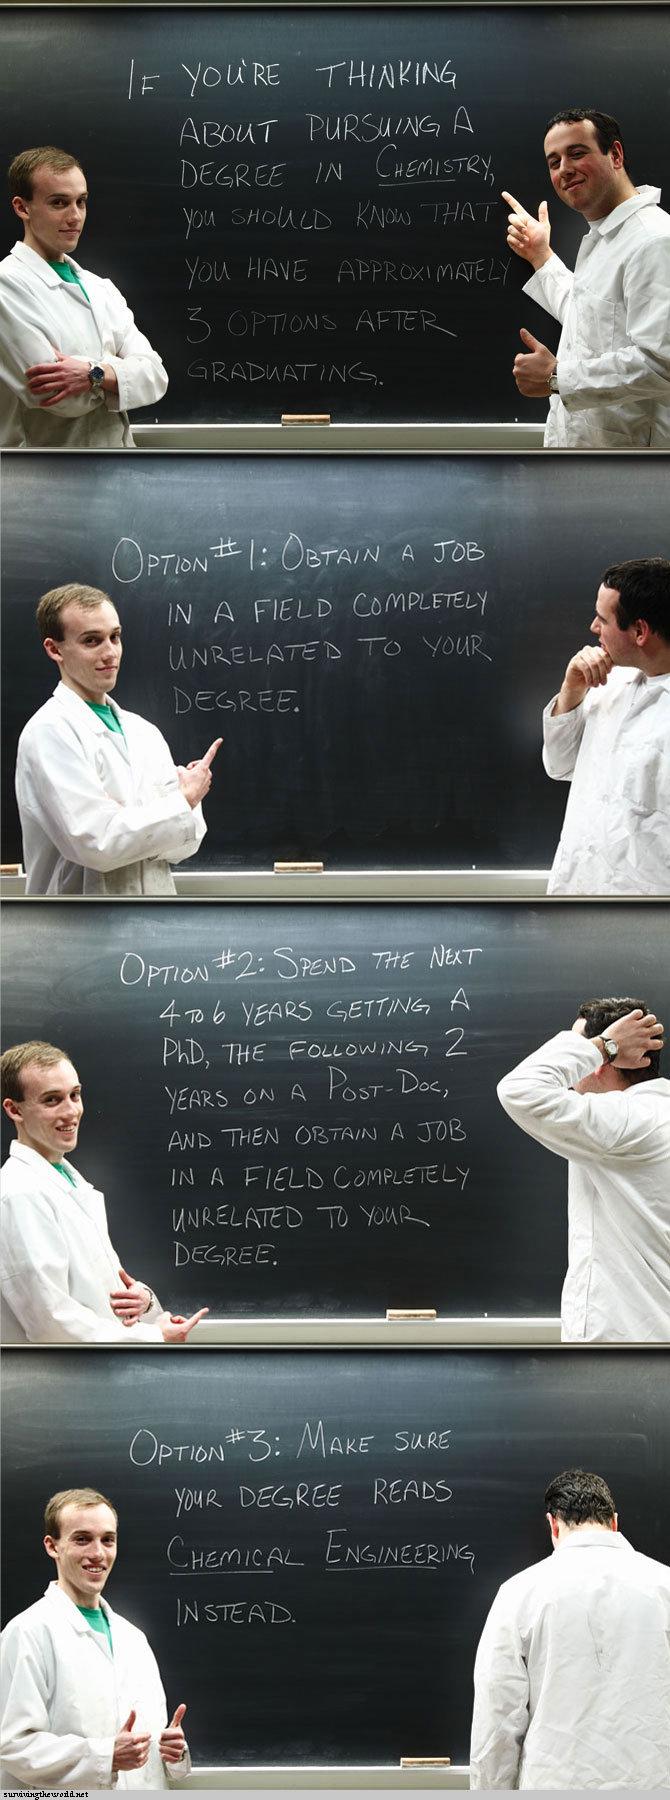 Chemistry. H̡͖͚͙̠̗̣̑̔̅o̼͕̗͉ͨͧ̐͒͗ ̪̦͉̤͍w͇̯̫̱͚̃̓ͬ̓̏̅ͭ͟ ̾͒̌ͩ̒̚҉̻̫m̞͓̠̯̥̀͊̌ͣă ̸̝̱̩̙̝͗͠n̶̡̛͉̽̊̀͆̌̈́ͅ� �͕͖y̴̢͇͍̻͉͚̅͑͐ͅ ̵̢̟̞ͣ͊ͧ̄̿͘w̠̭̗͉ͨ̔̎̈́ͭ� �ǫ̙̰̳͖̝̮̽̒́̈́̿ͪ́́͜r̊̓� �̢̟̺̜ now fifty percen